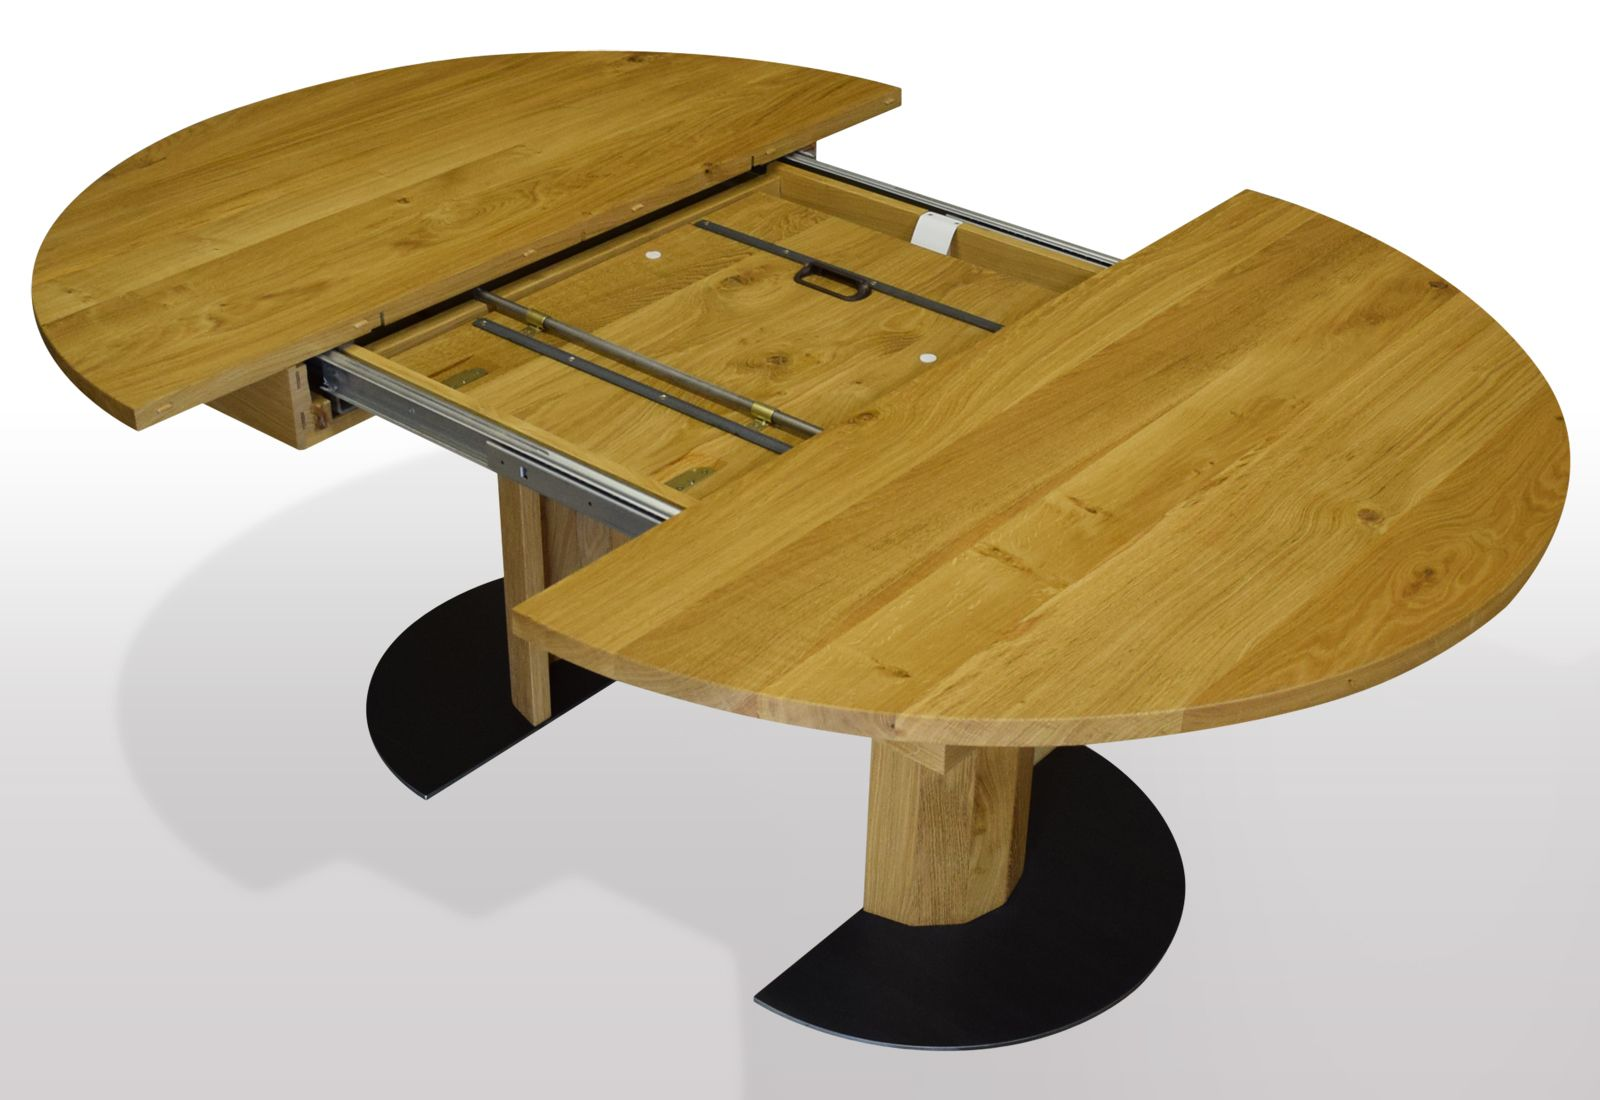 runde esstische nach mass us massiver eiche ausziehbar per. Black Bedroom Furniture Sets. Home Design Ideas